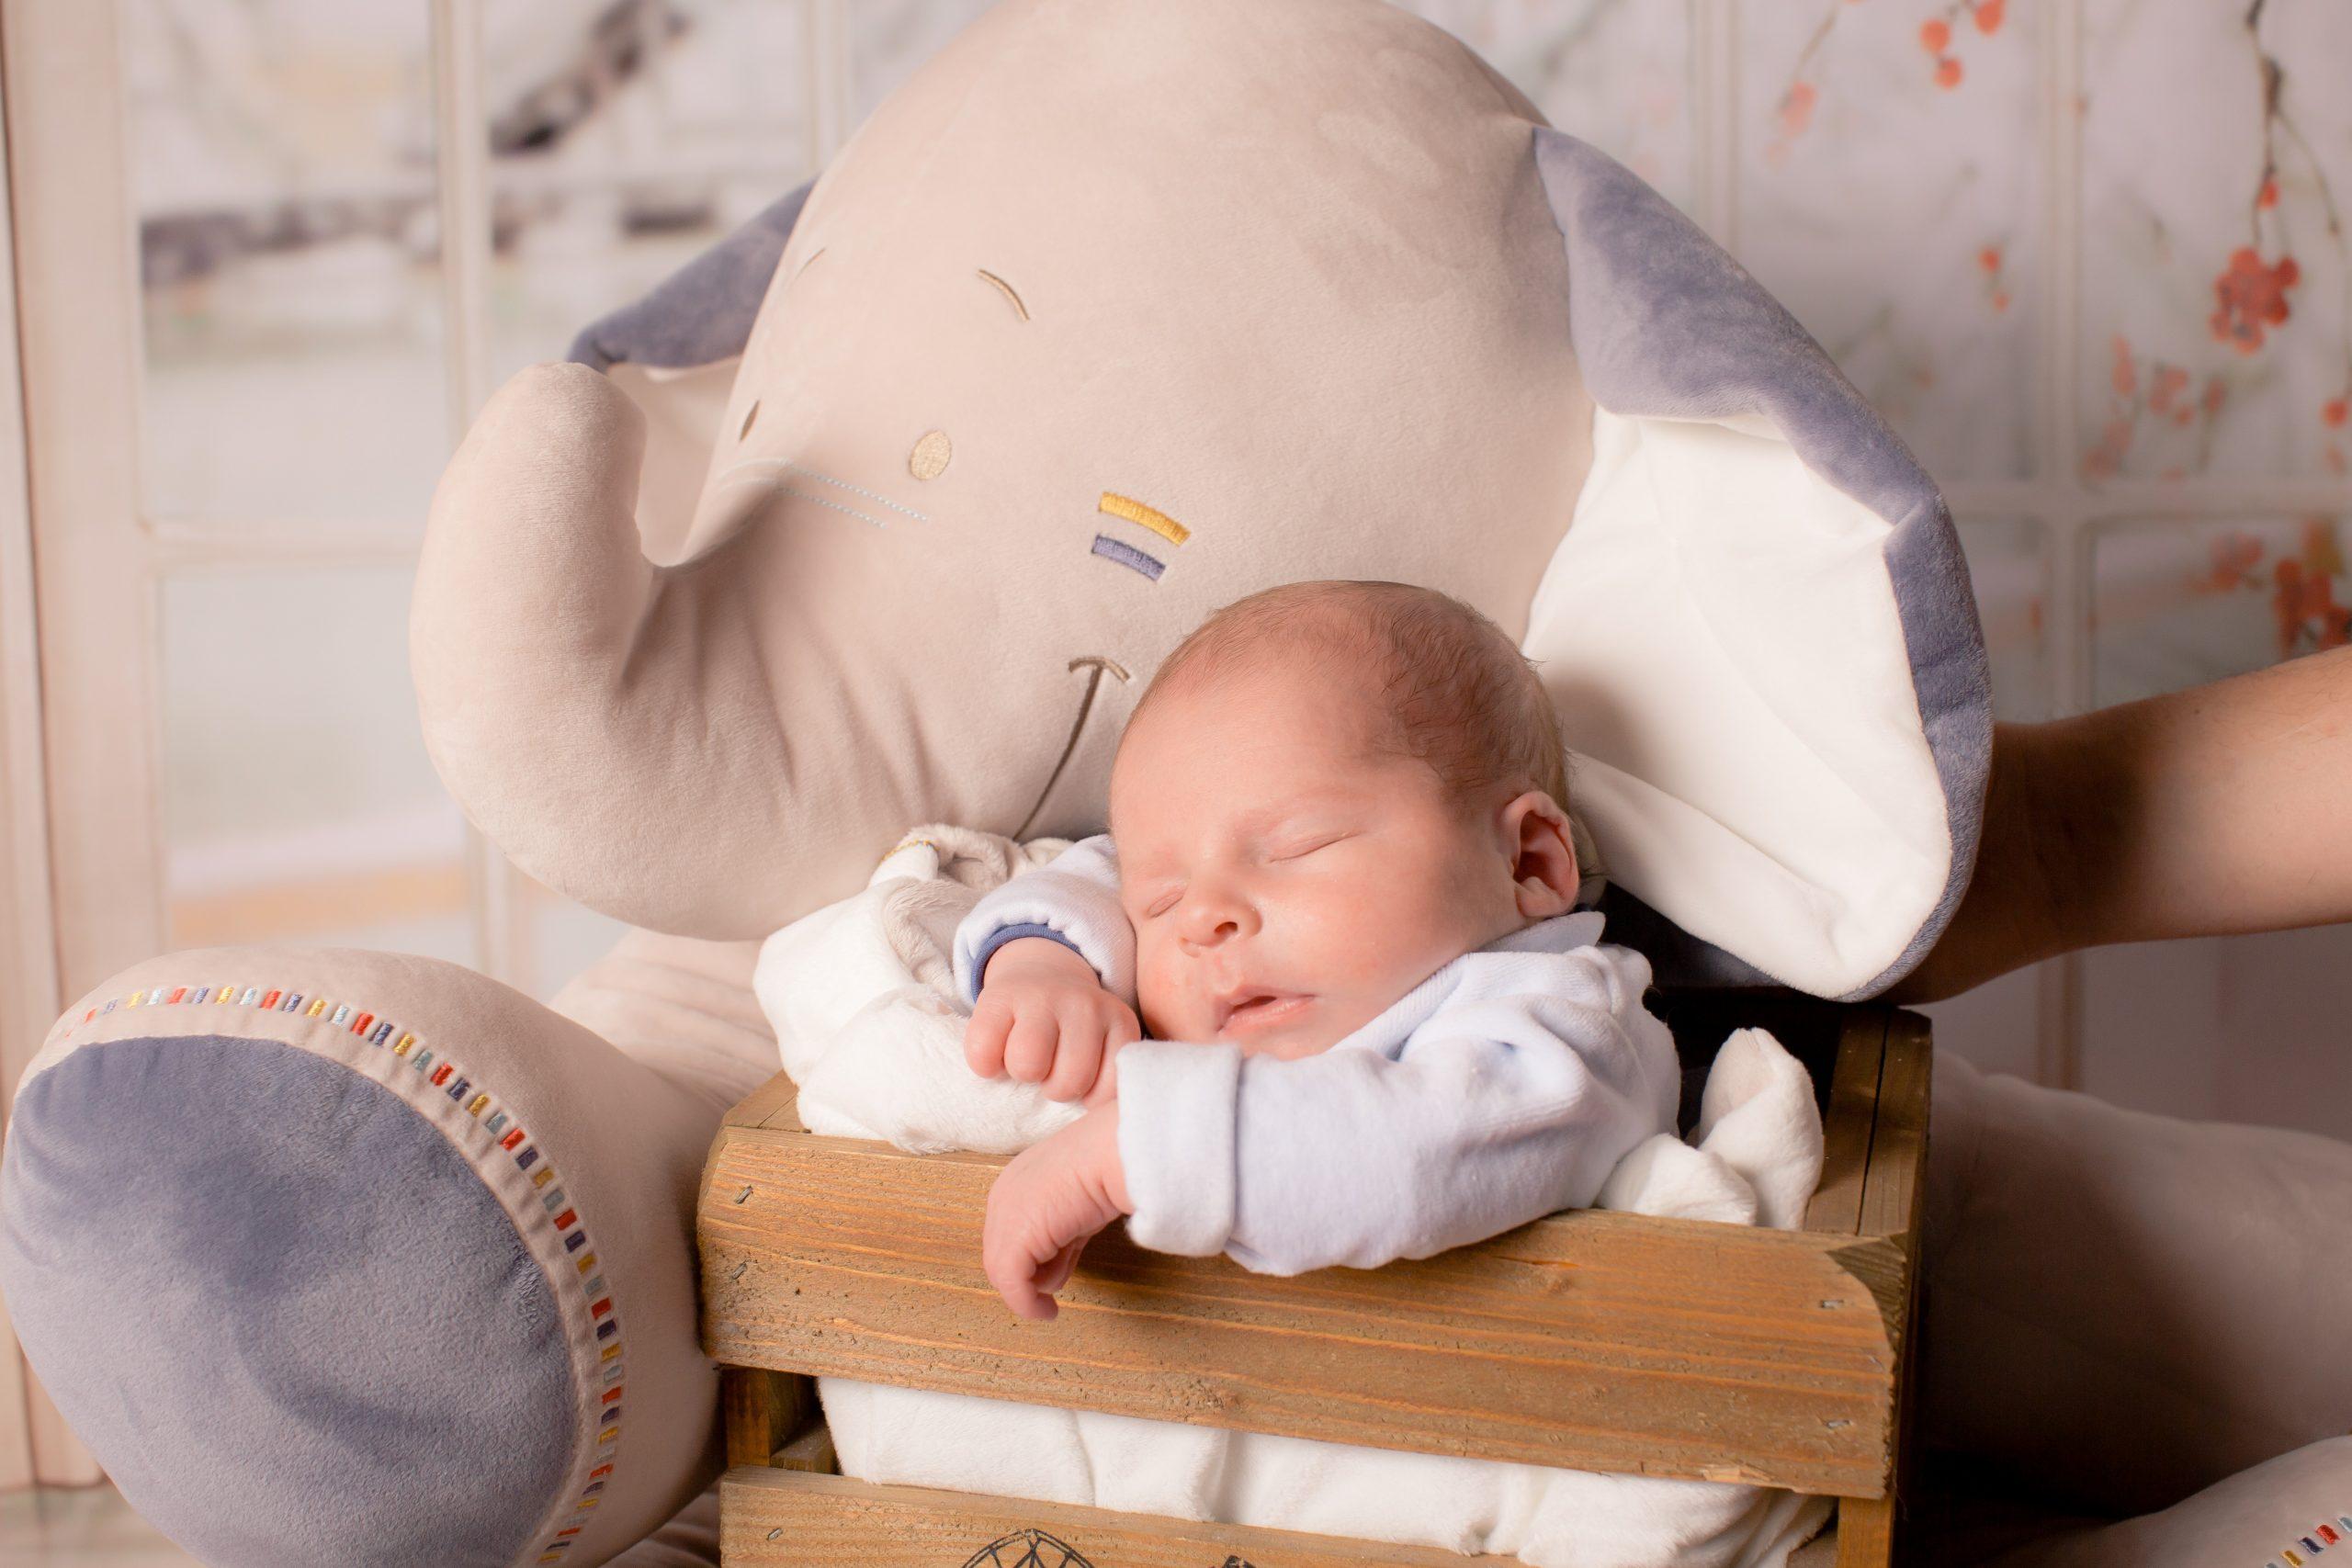 Jak powinien wyglądać typowy rozwój psychoruchowy dziecka w wieku 0-3 miesiące?